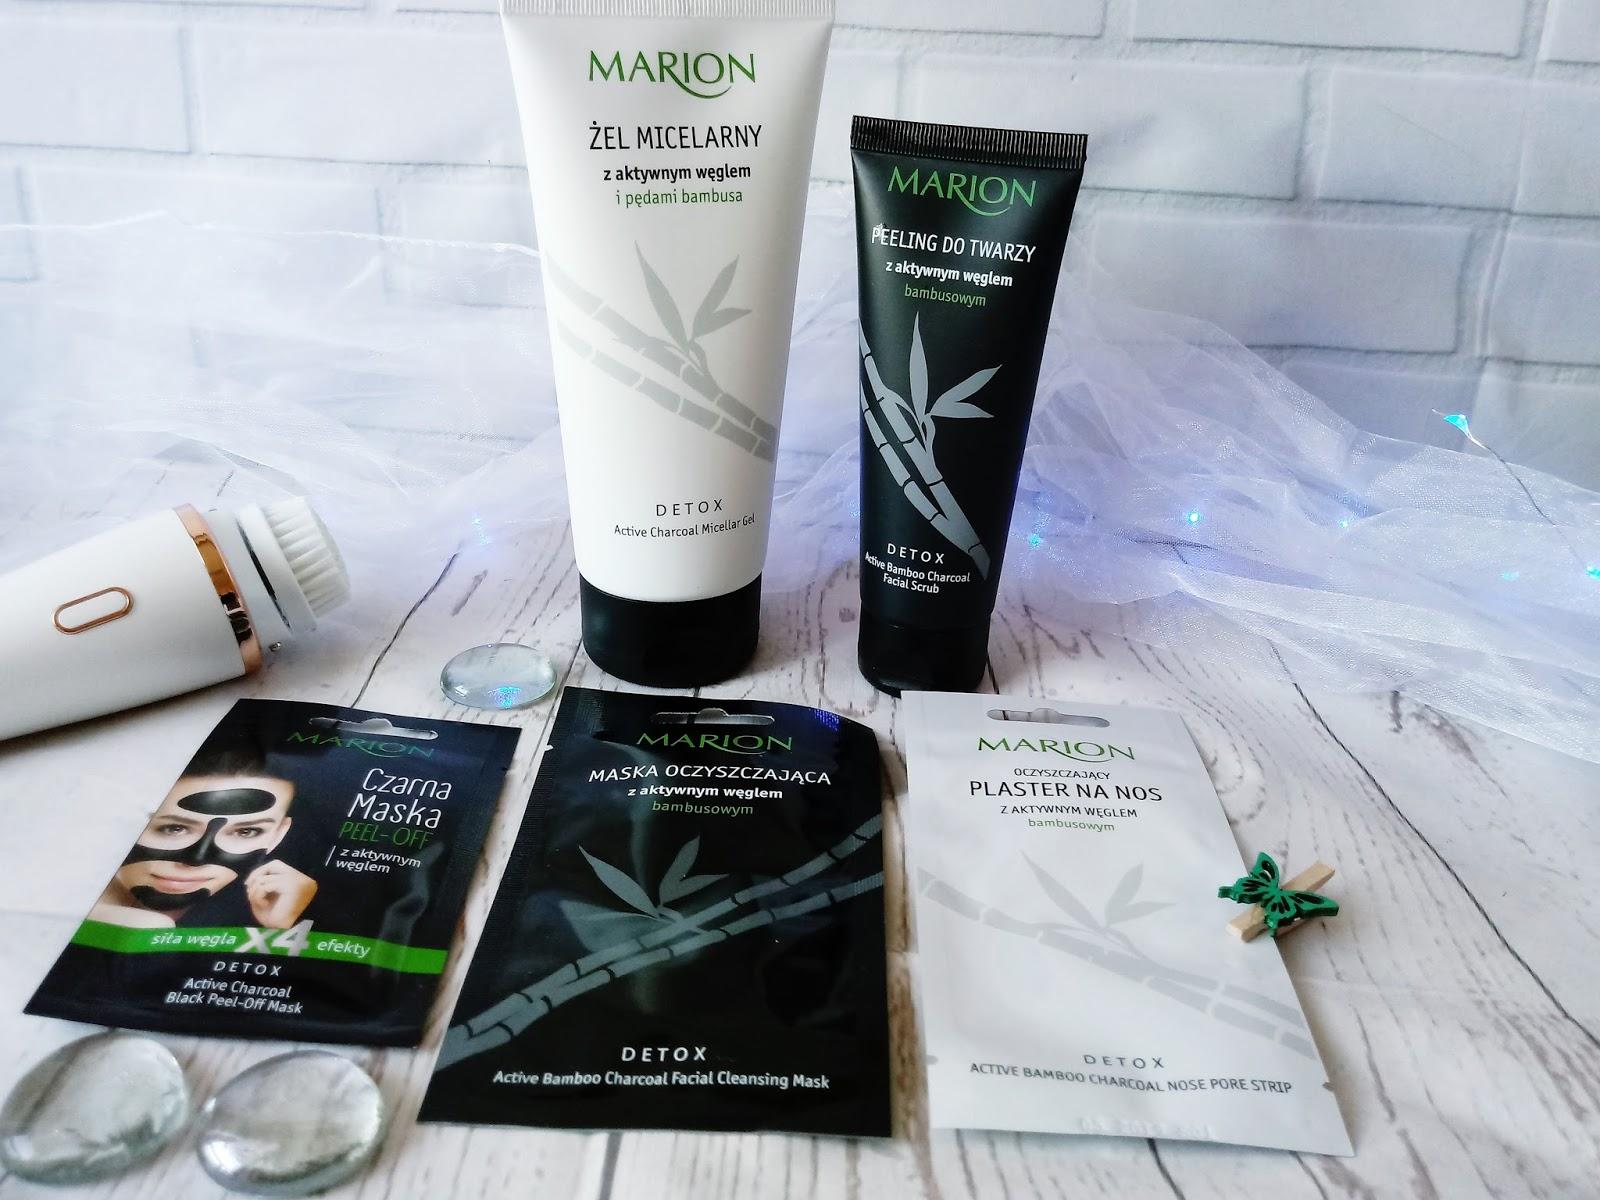 DETOKS z pędami bambusa i czarnym węglem / MARION / recenzja